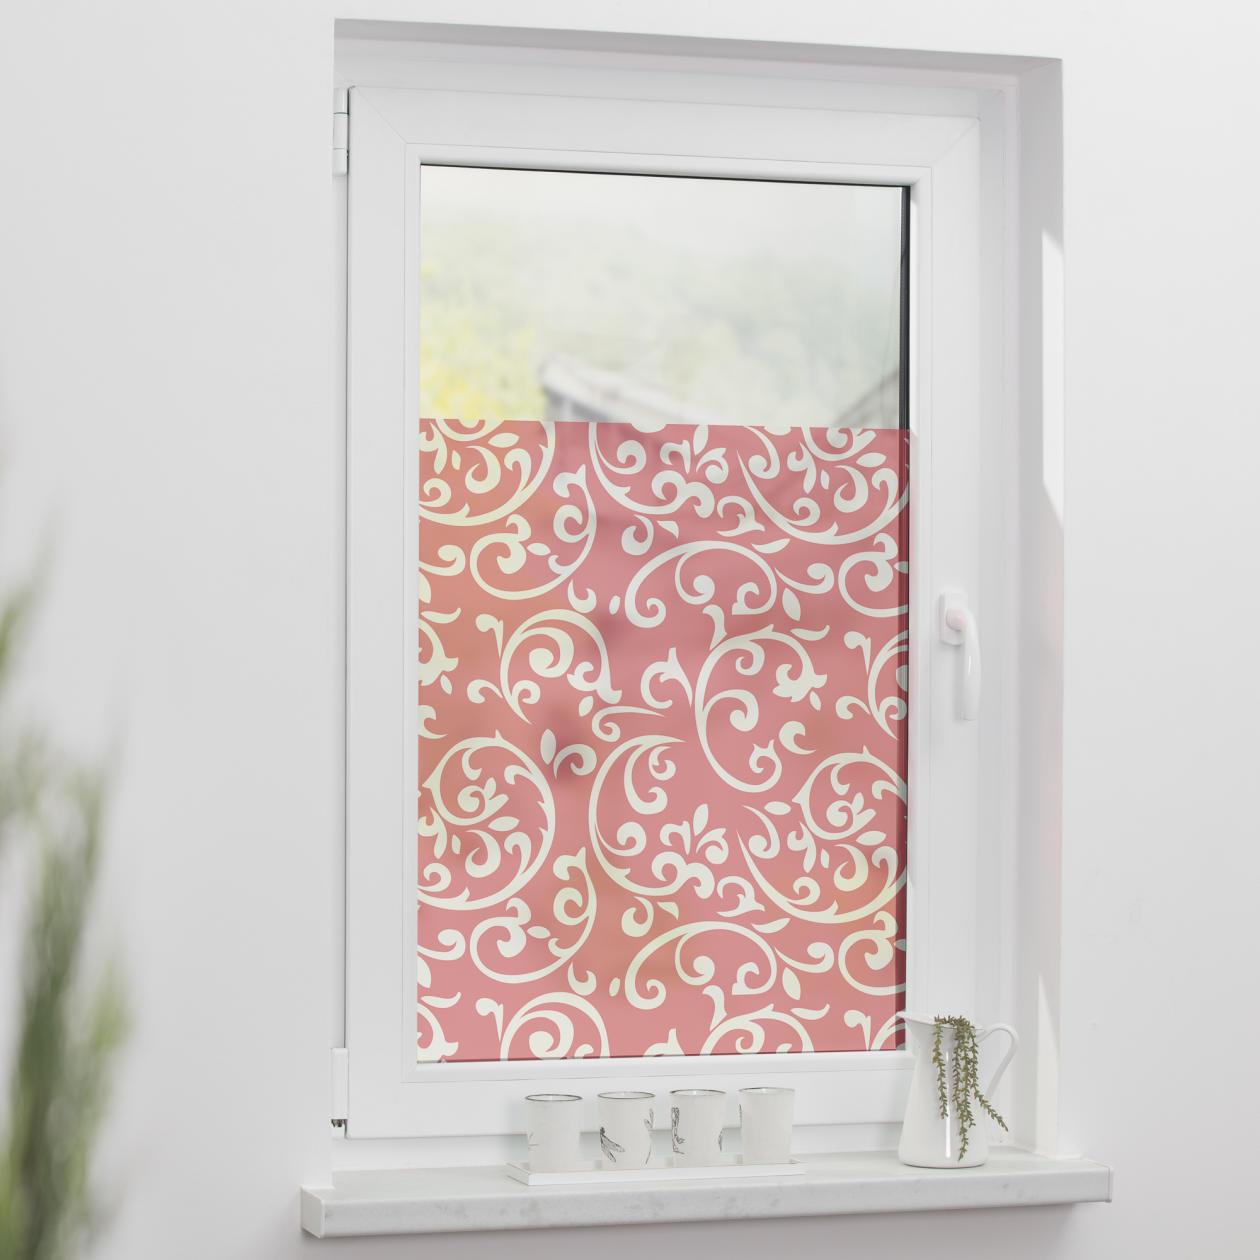 fensterfolie selbstklebend sichtschutz ornamente korall lichblick shop. Black Bedroom Furniture Sets. Home Design Ideas